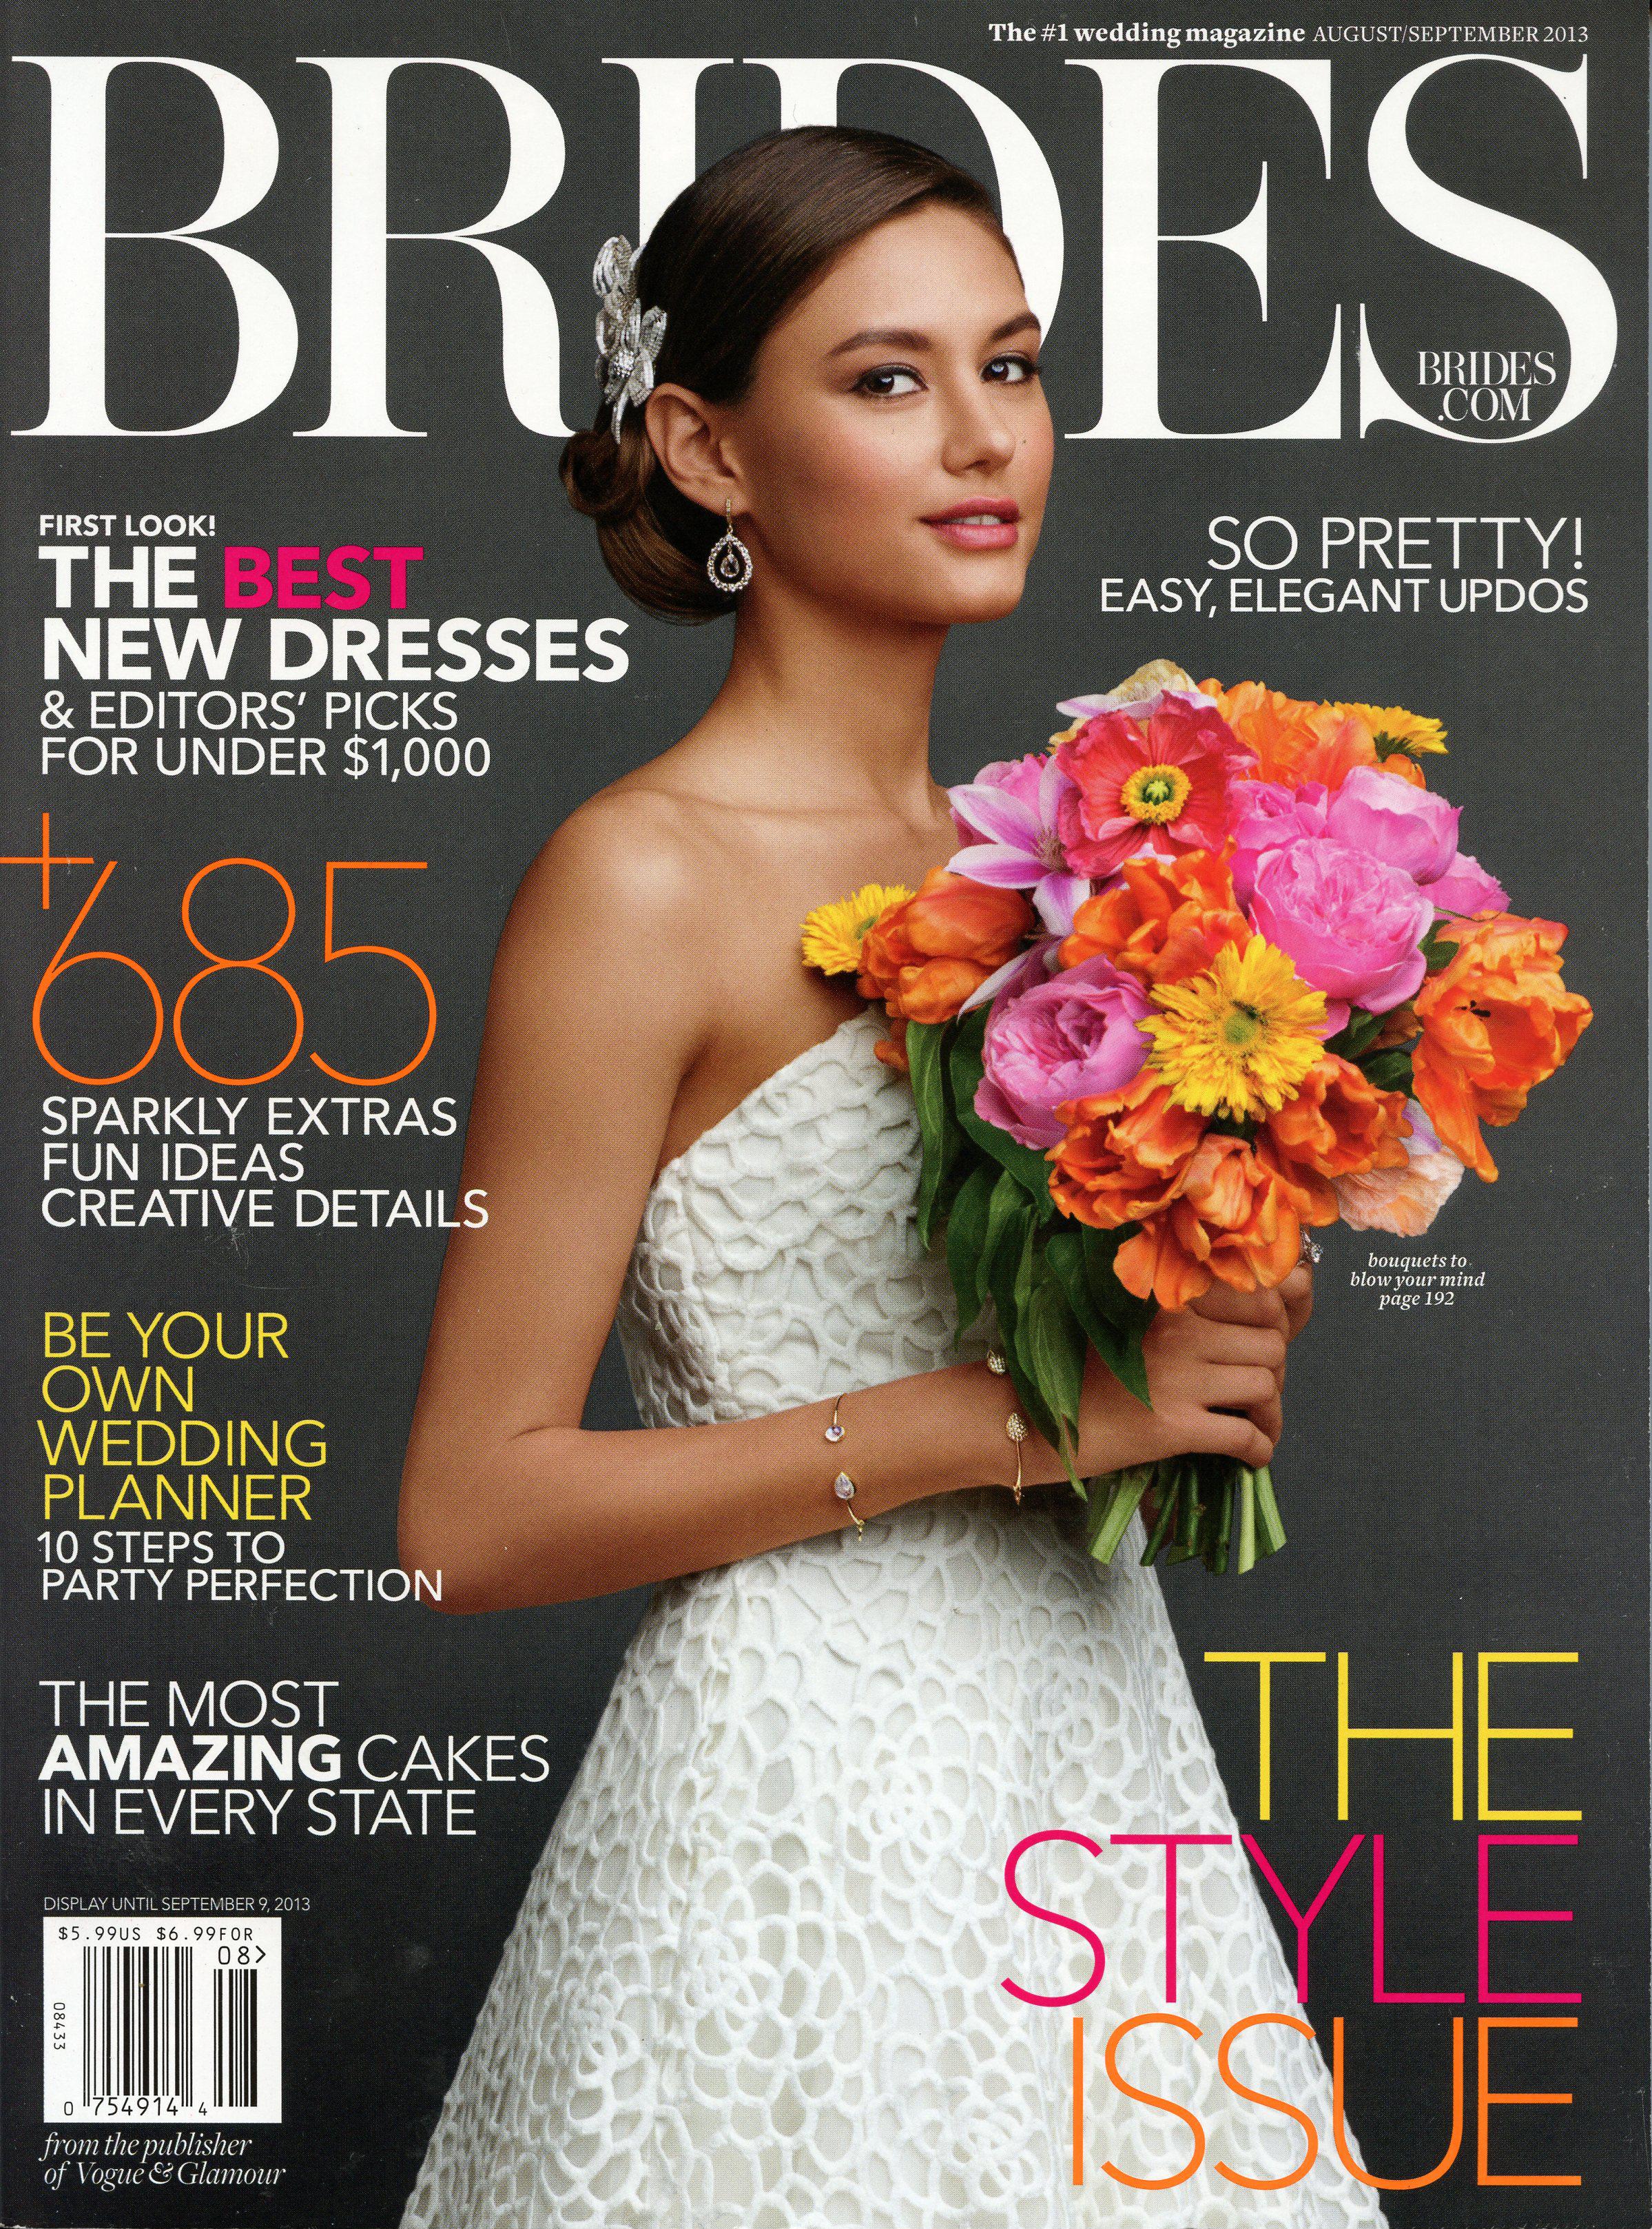 Brides - August 2013